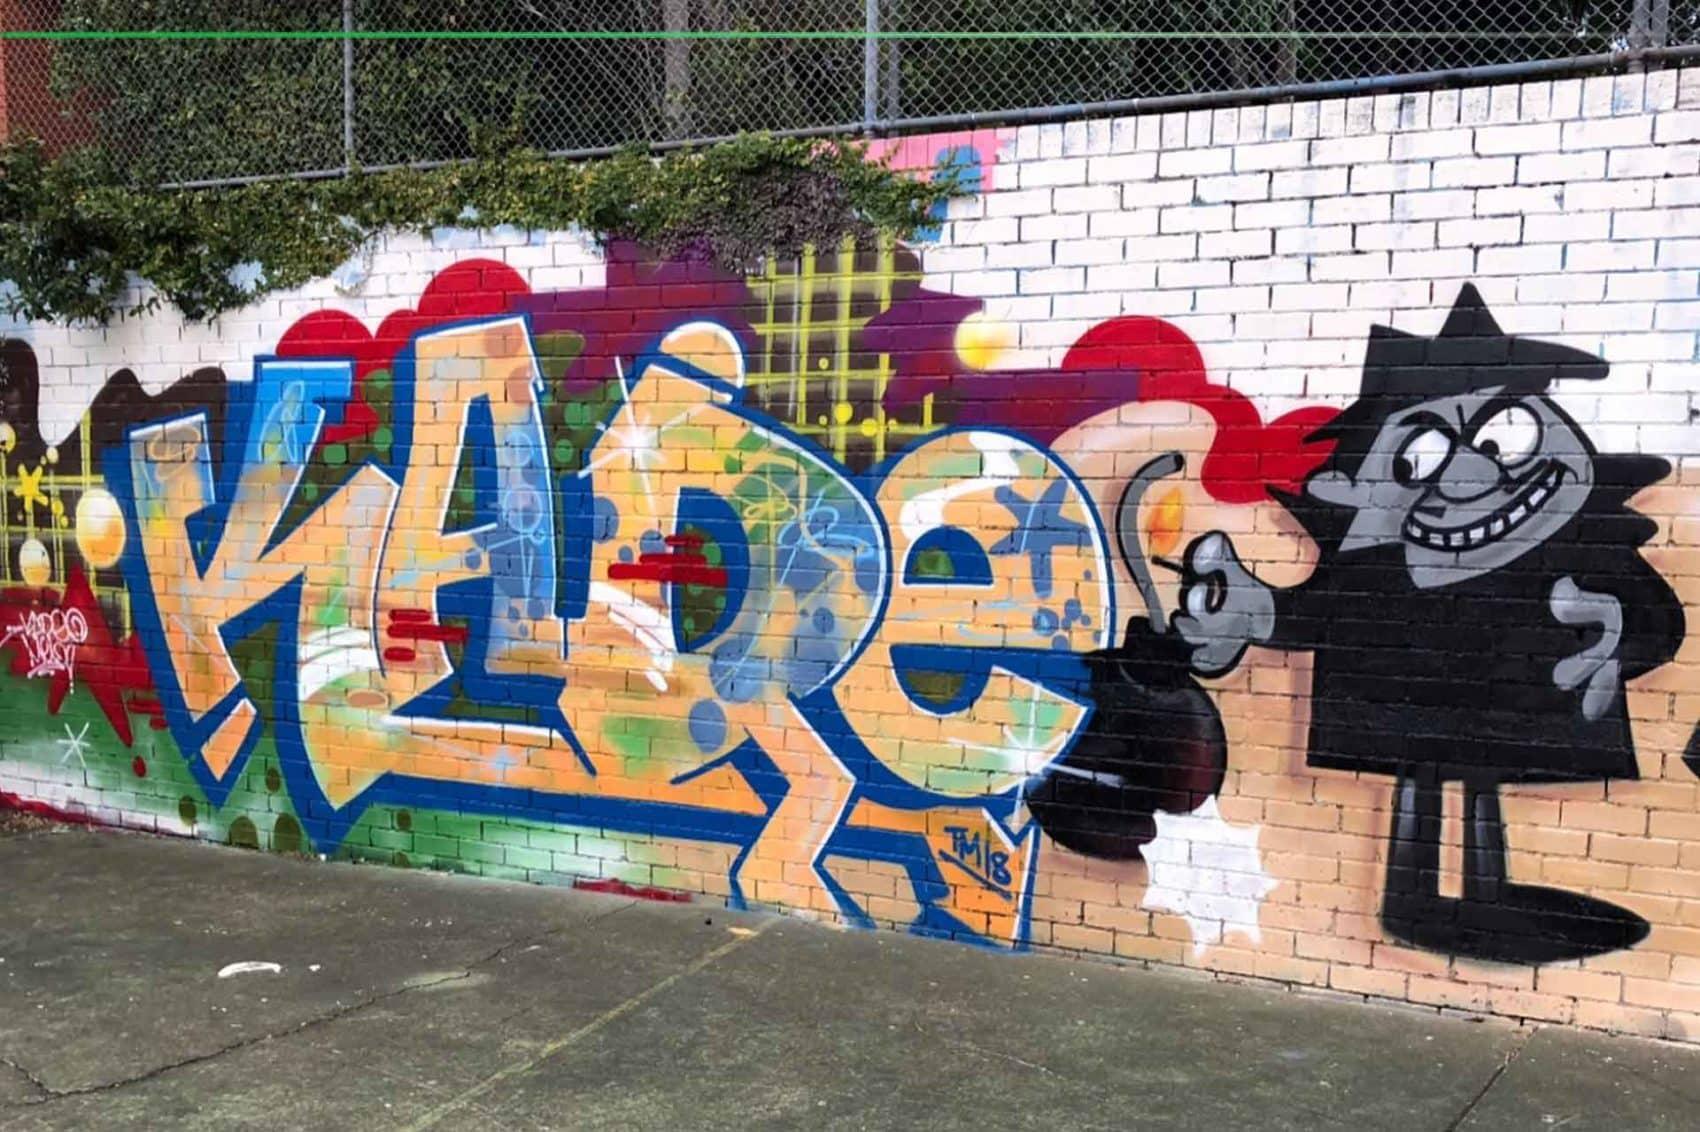 Kade graffiti art